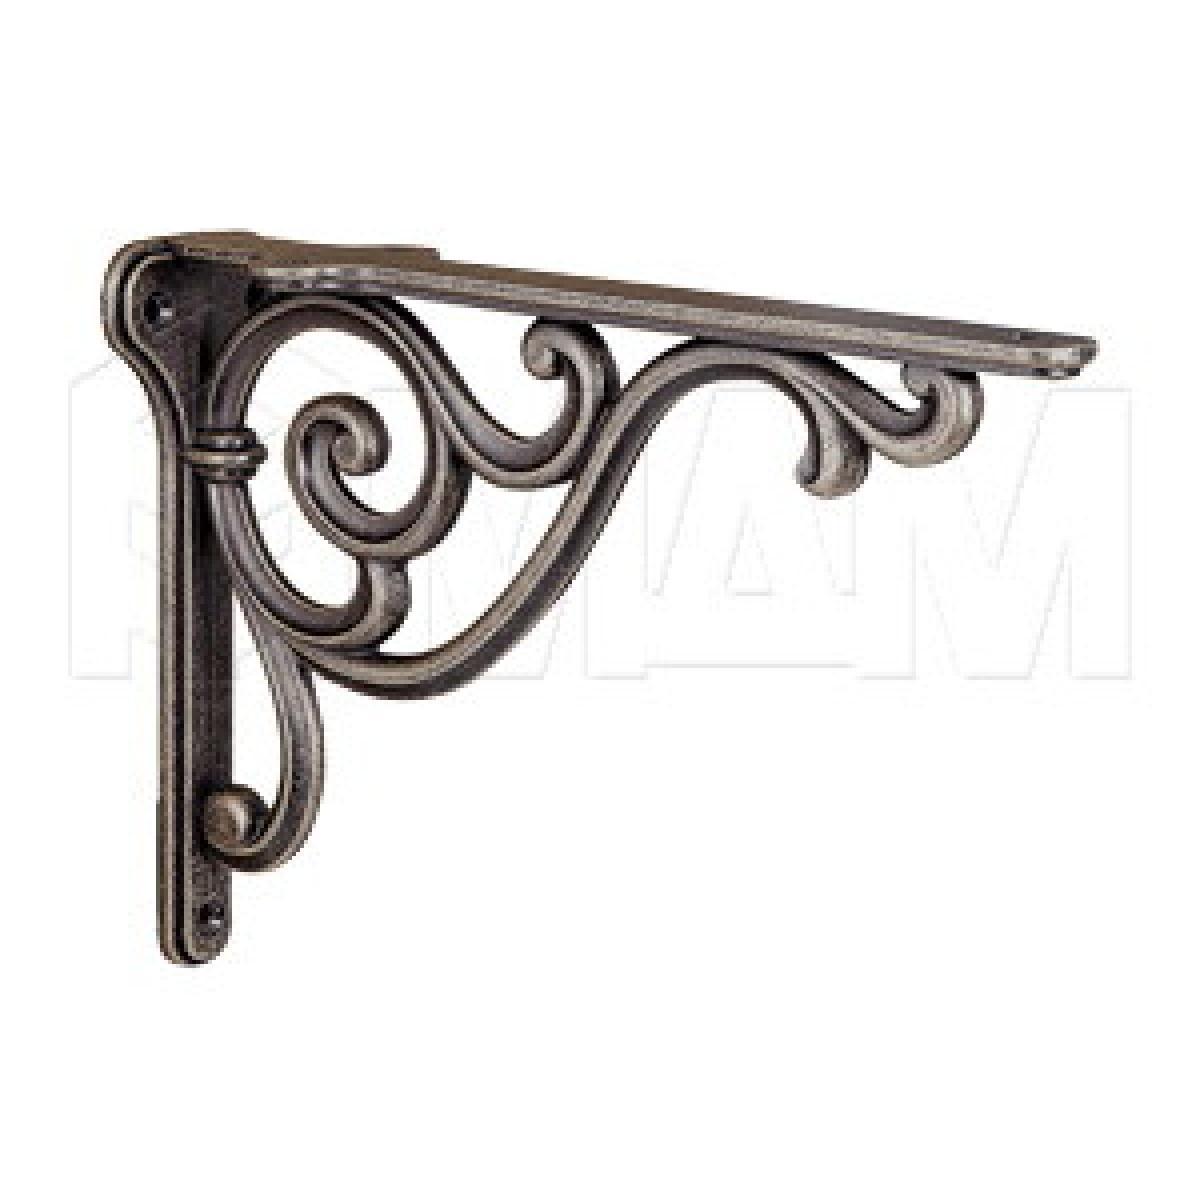 ROME Менсолодержатель для деревянных полок L-200 мм, бронза состаренная